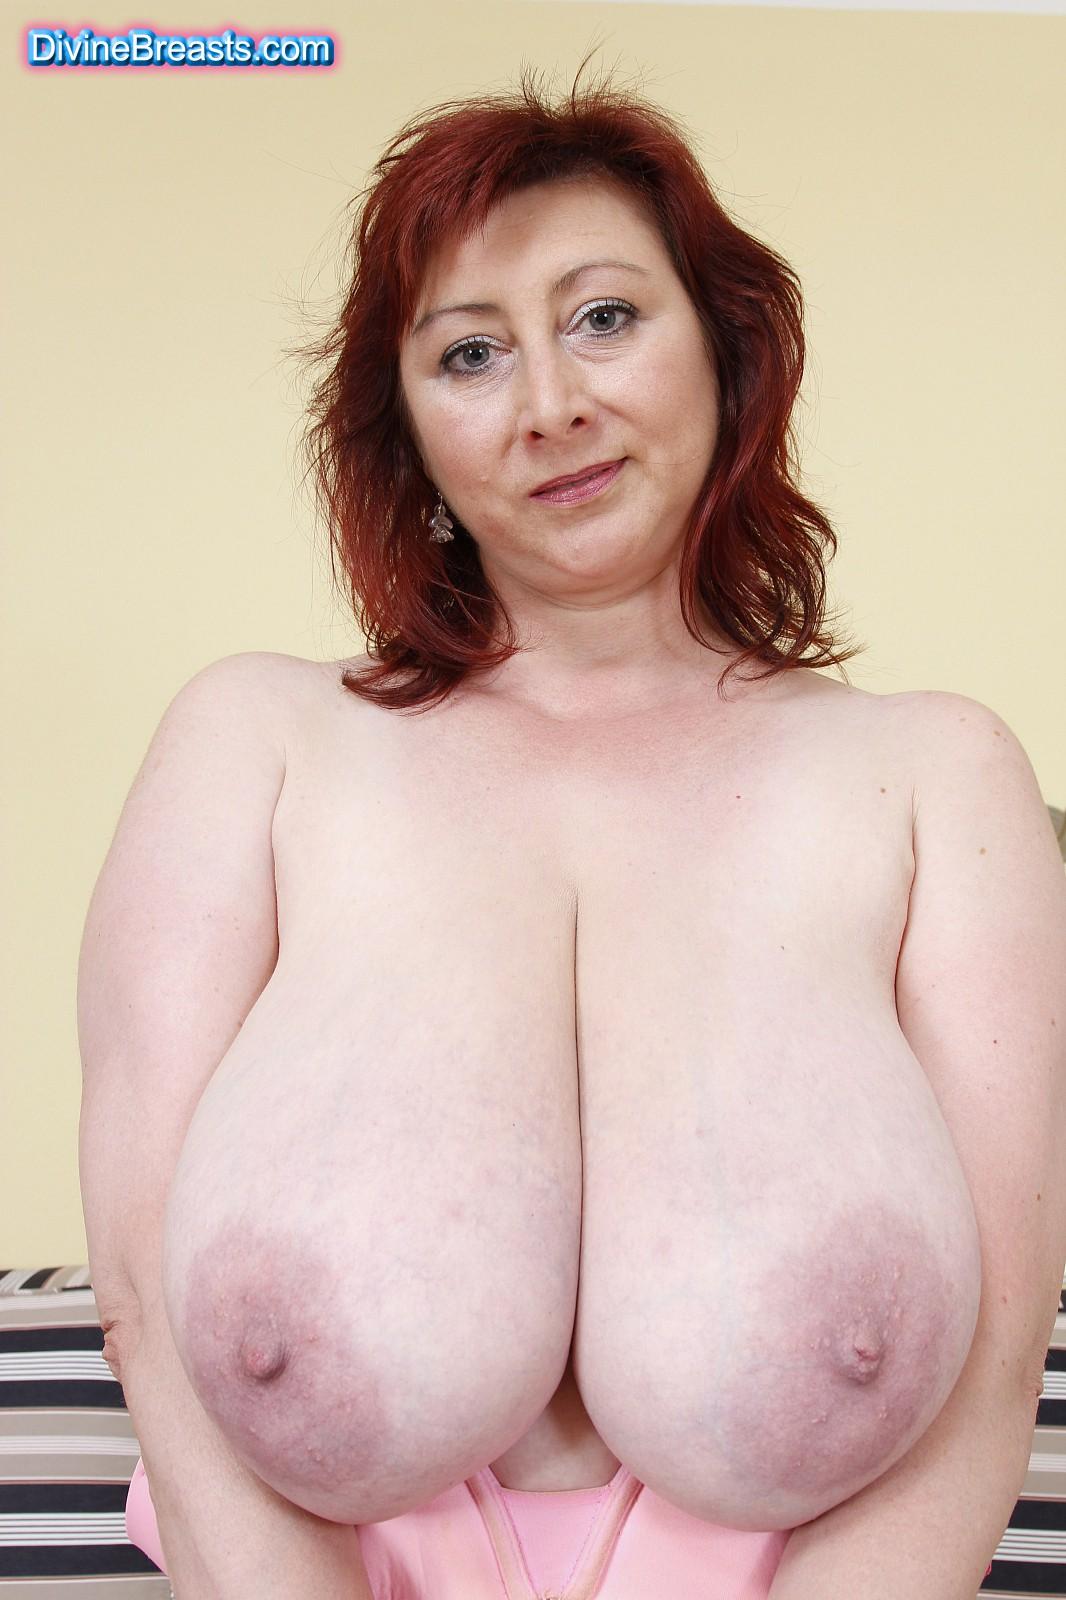 Lauren german nude fakes